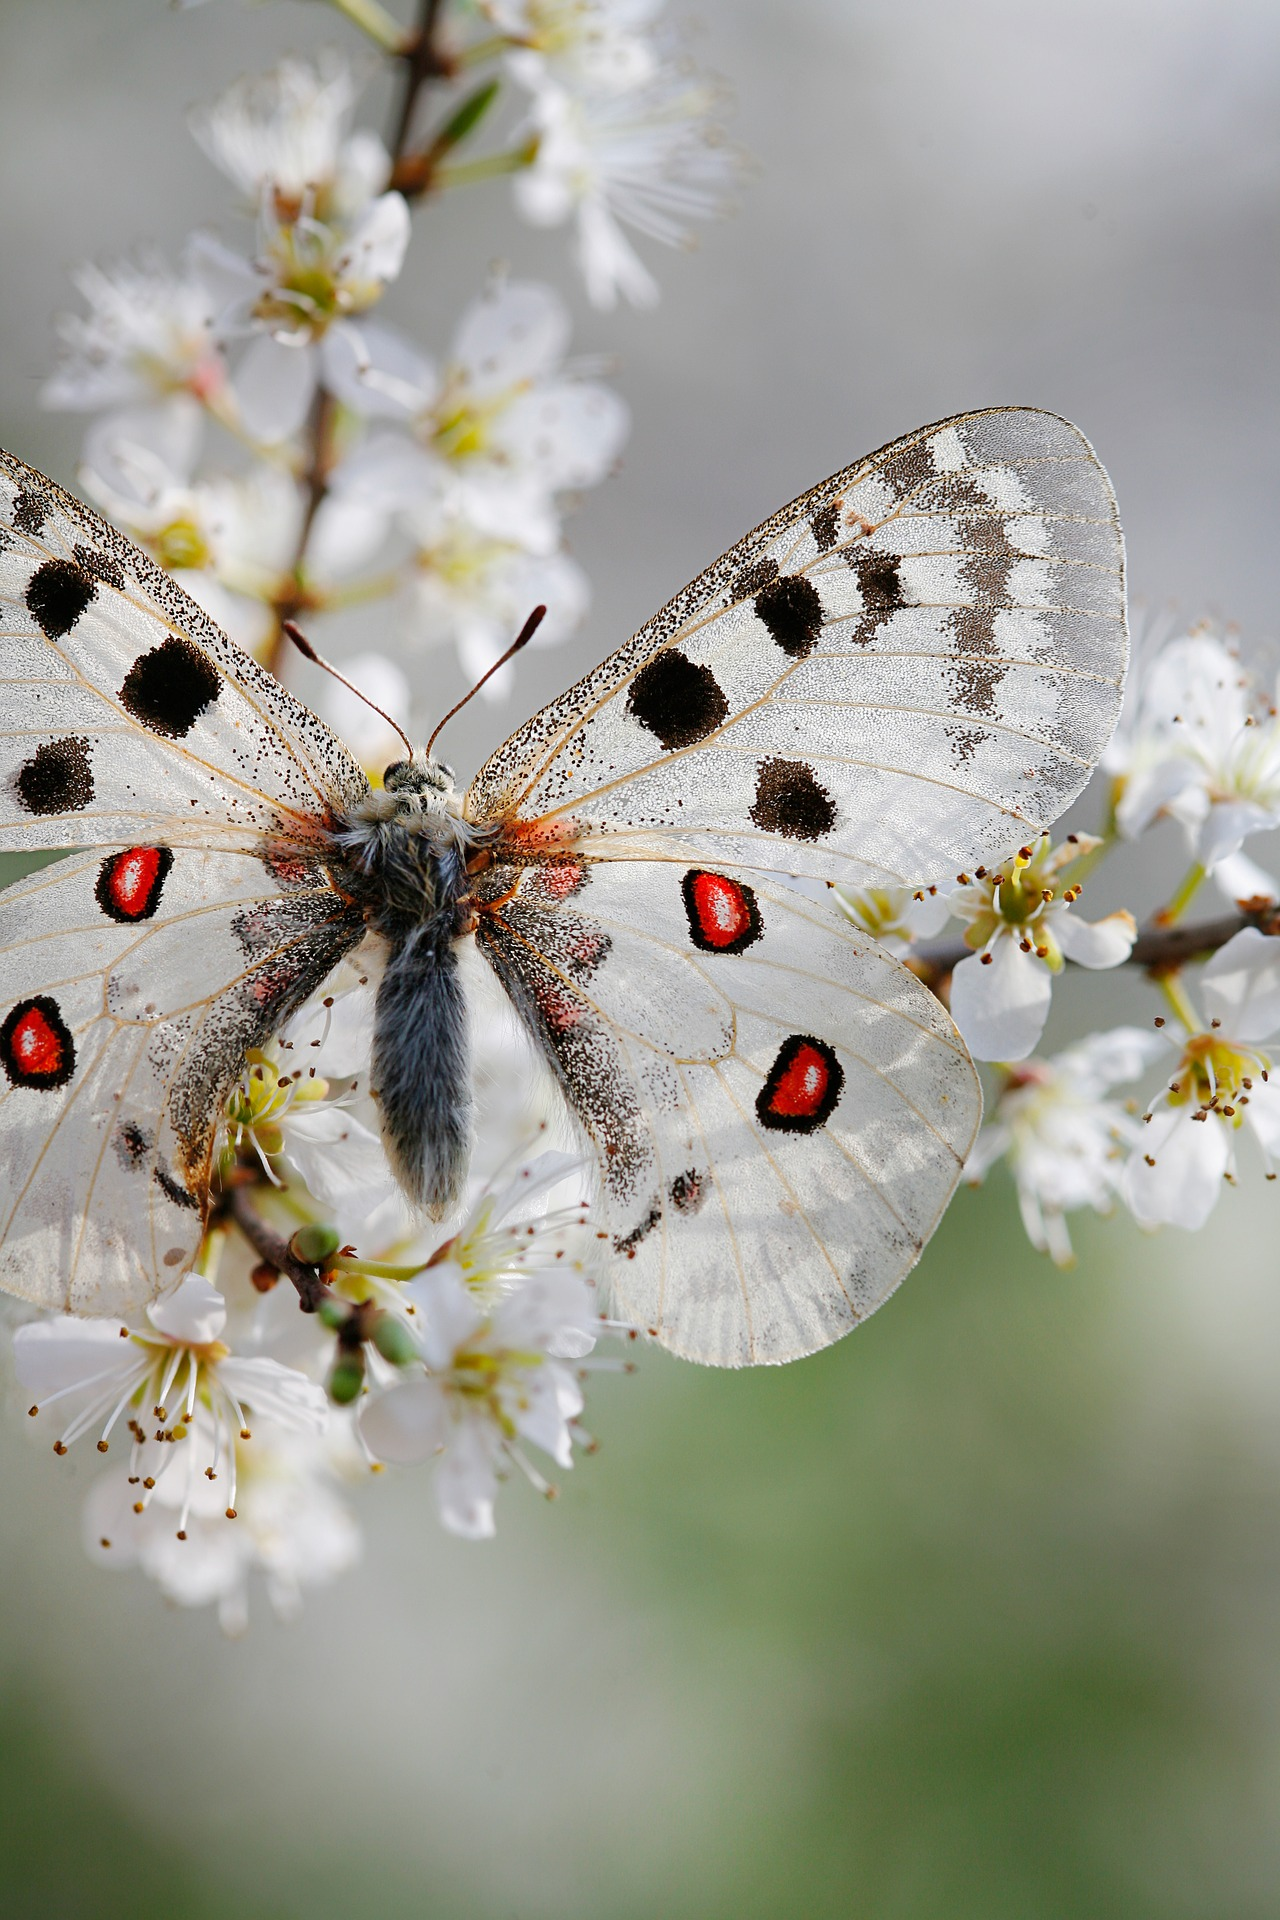 Schmetterling Apollo weiß mit schwarzen und roten Punkten